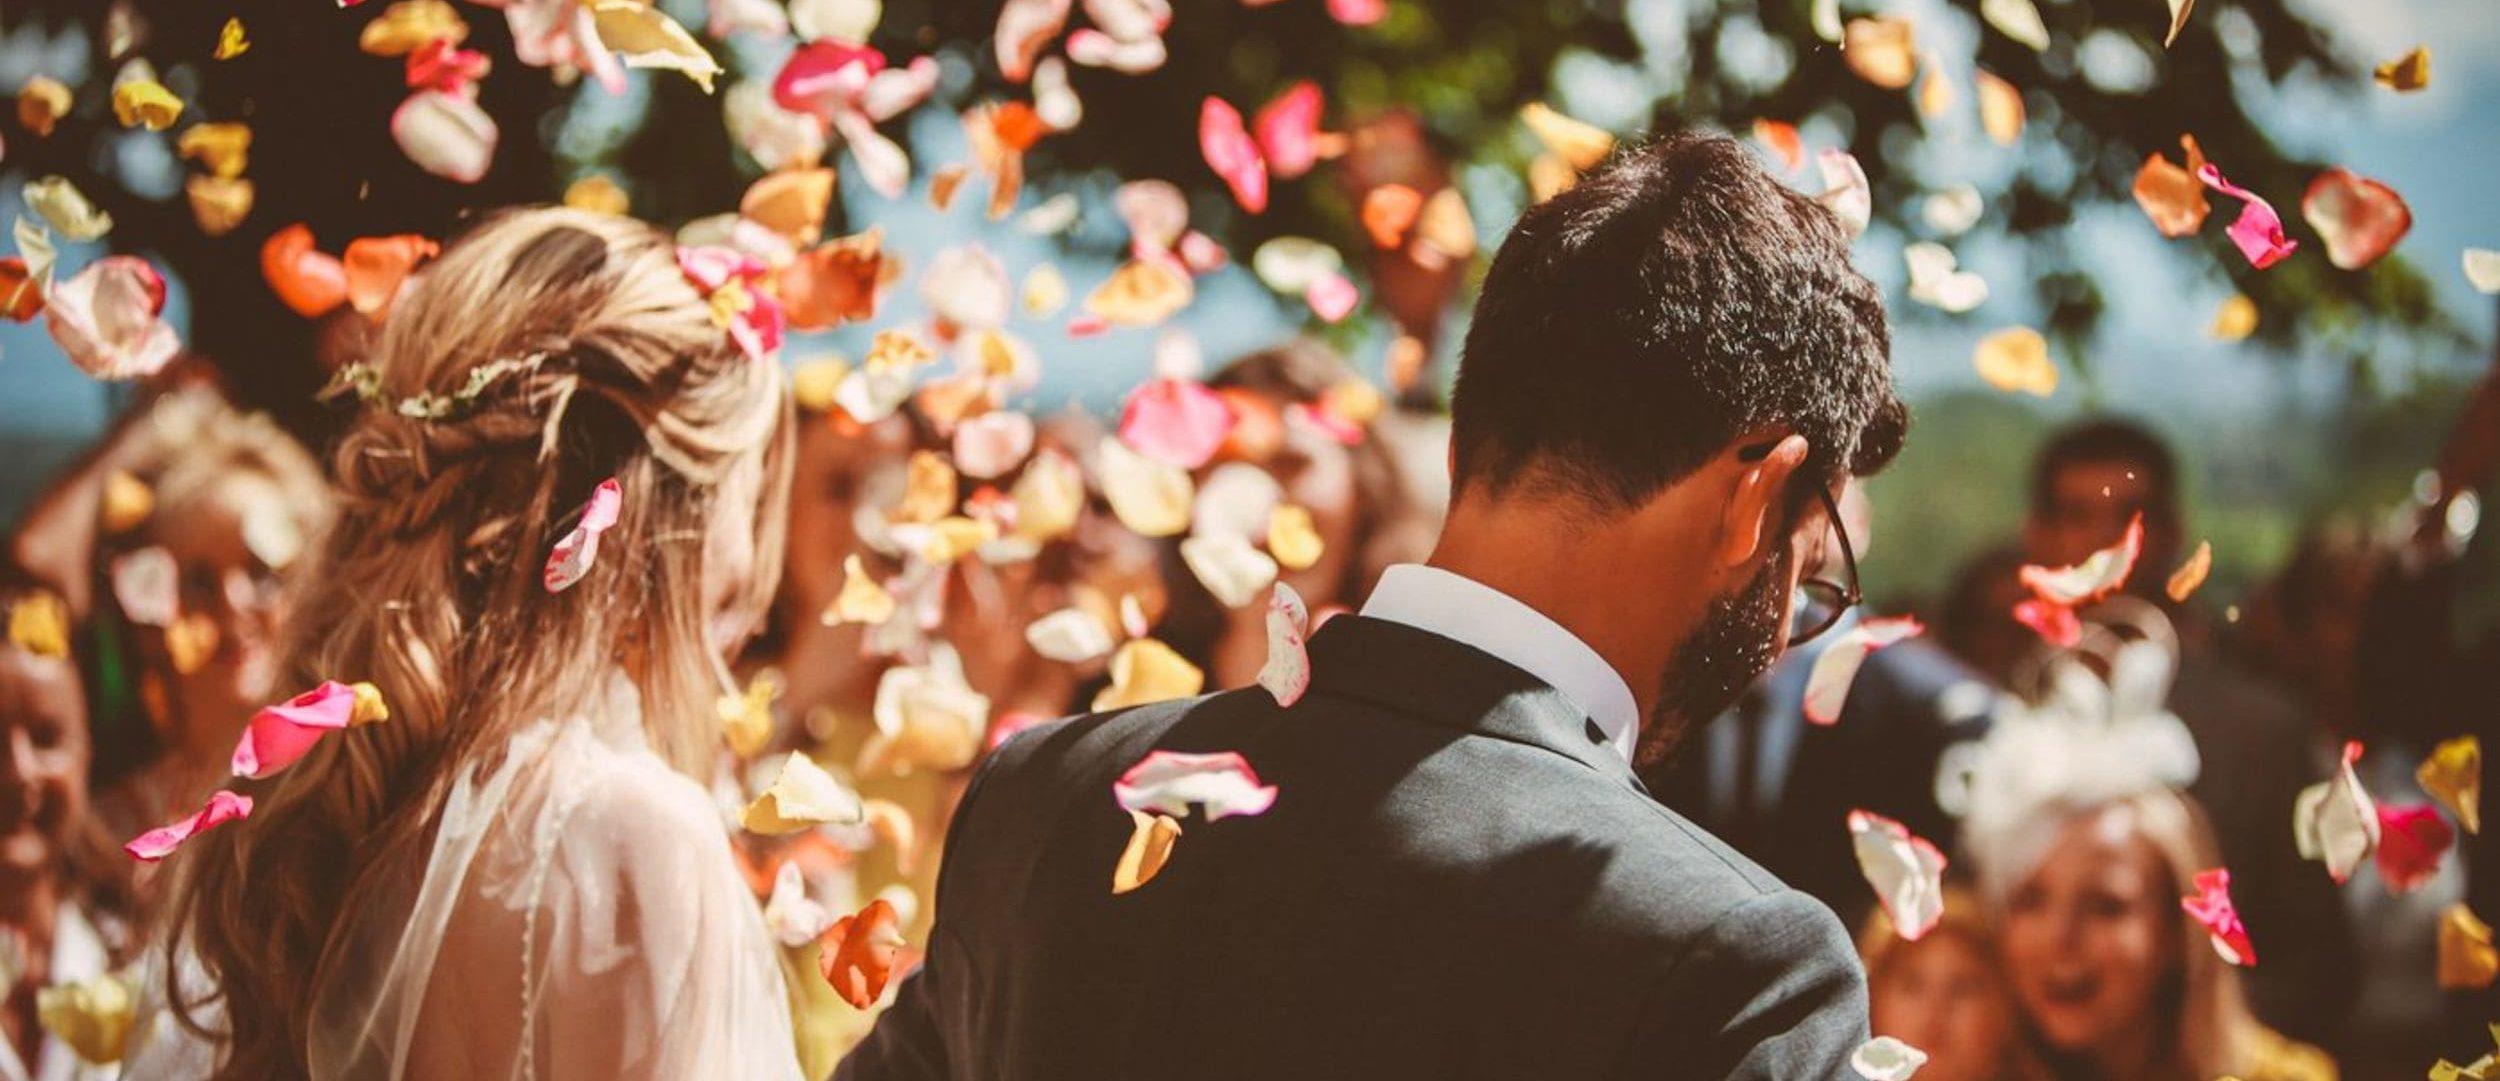 cérémonie-photographie-mariage-photographe-aline-ruze-montpellier